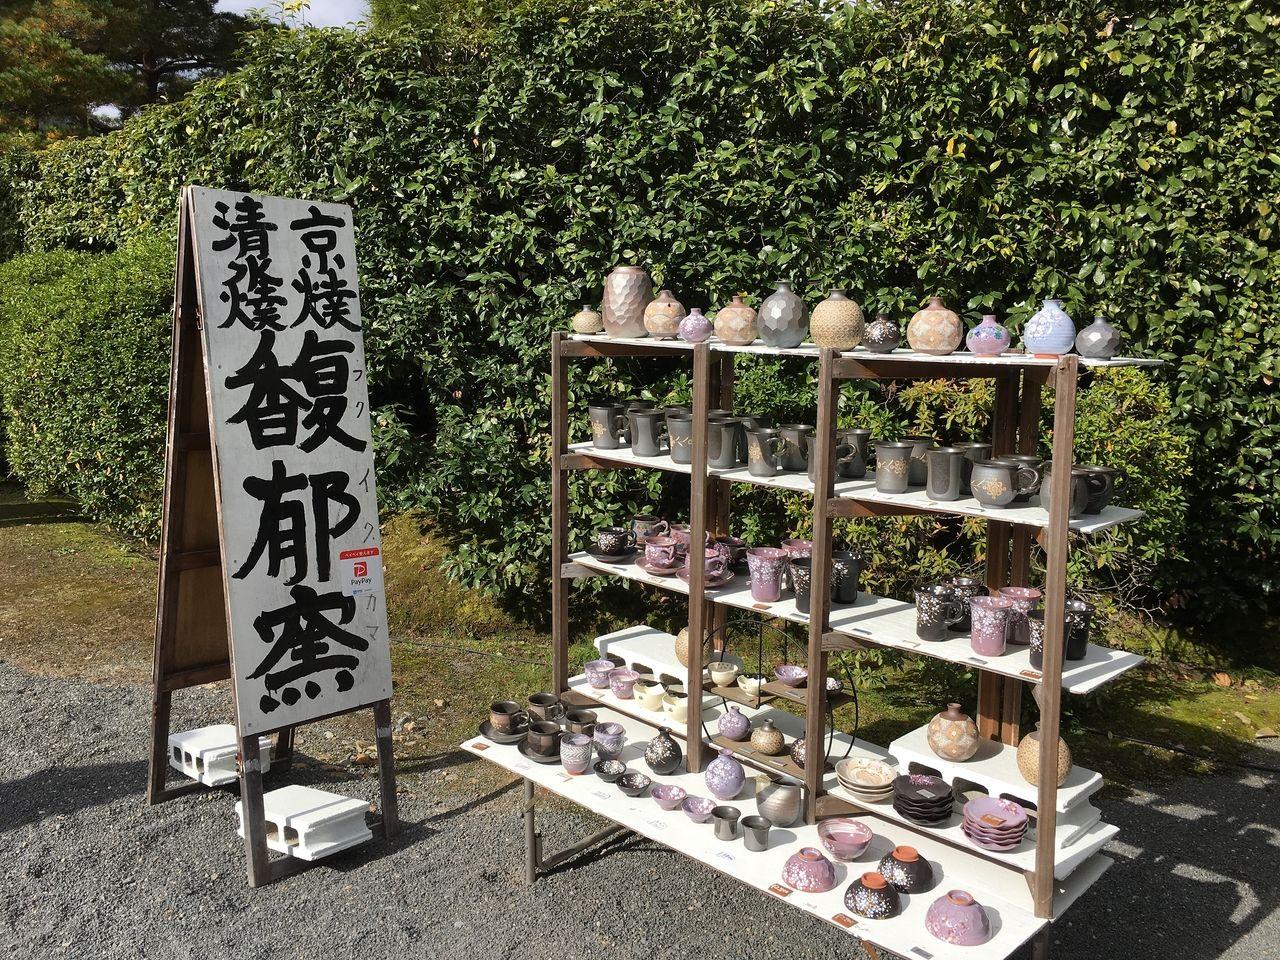 仁和寺に展示されていた京焼・清水焼の馥郁窯